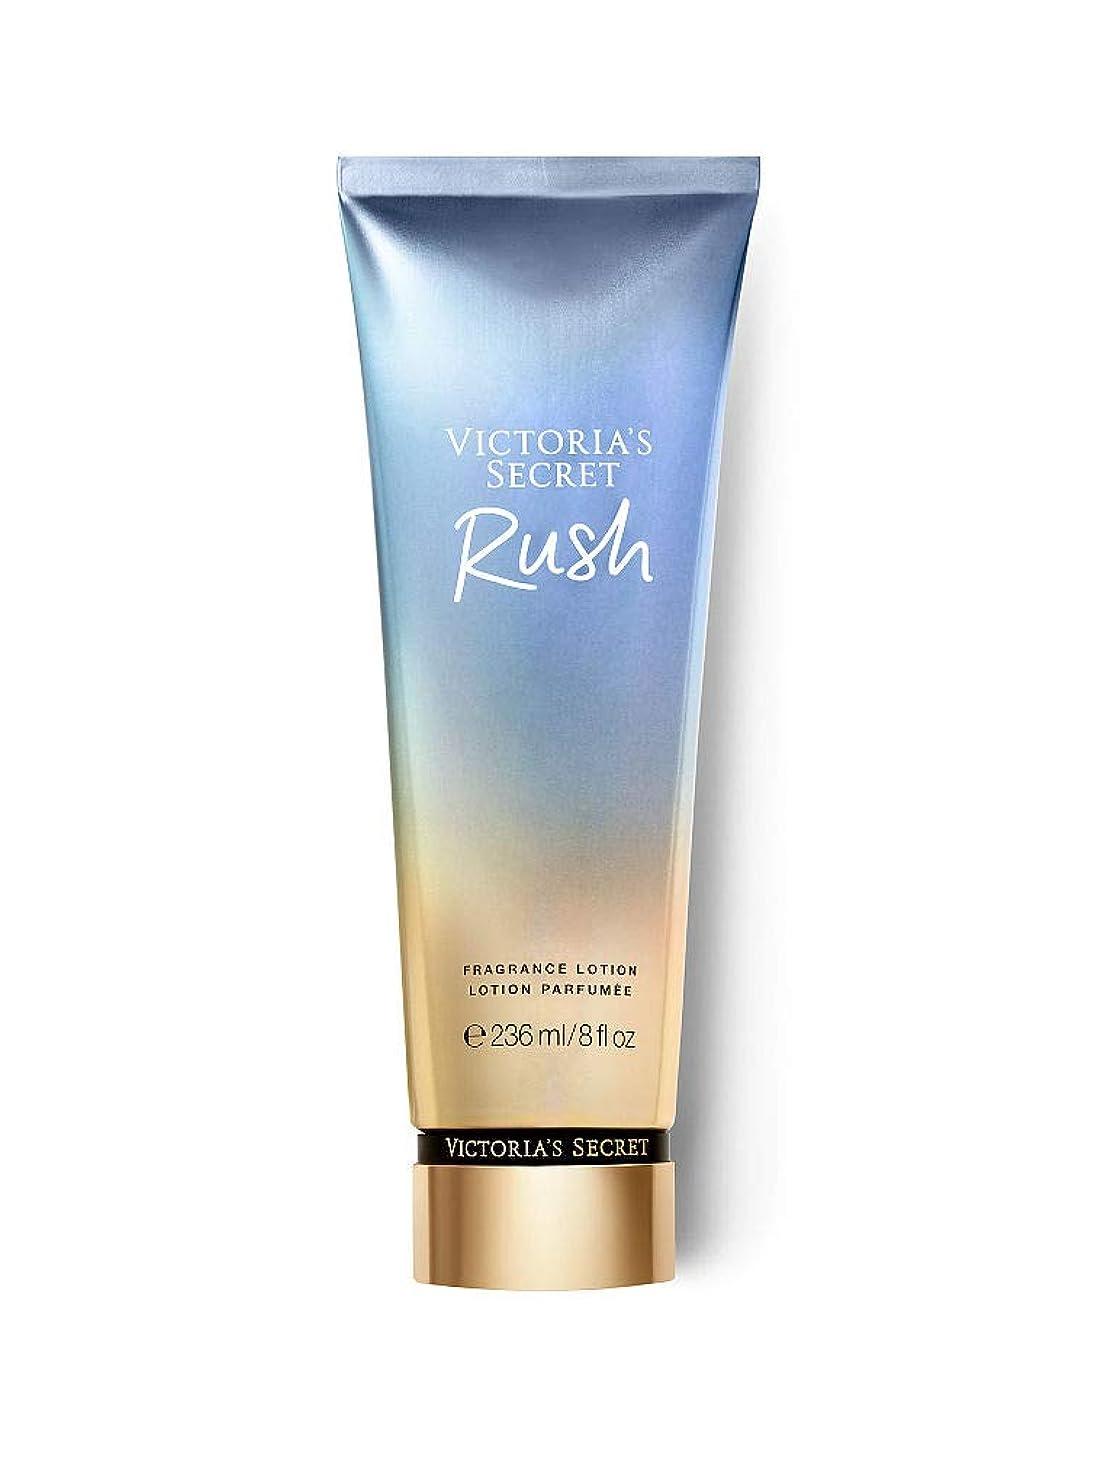 中間吐き出すマラウイVICTORIA'S SECRET ヴィクトリアシークレット/ビクトリアシークレット ラッシュ フレグランスローション ( VTS-Rush ) Rush Fragrance Lotion